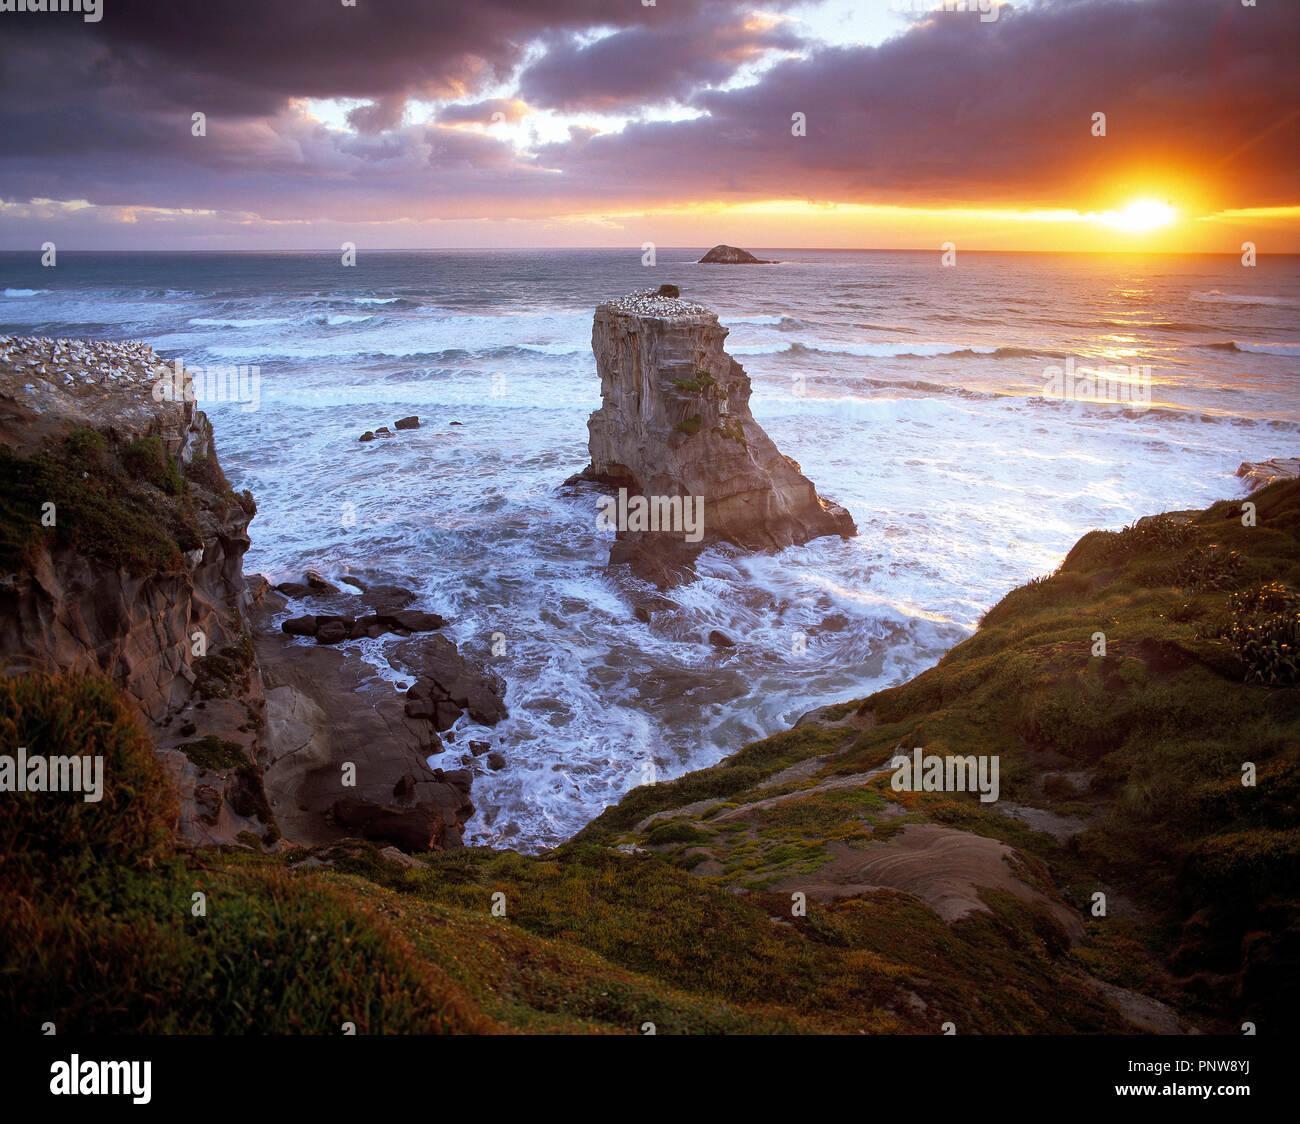 La Nouvelle-Zélande. L'Île du Nord. Région d'Auckland. Muriwai Beach. Photo Stock